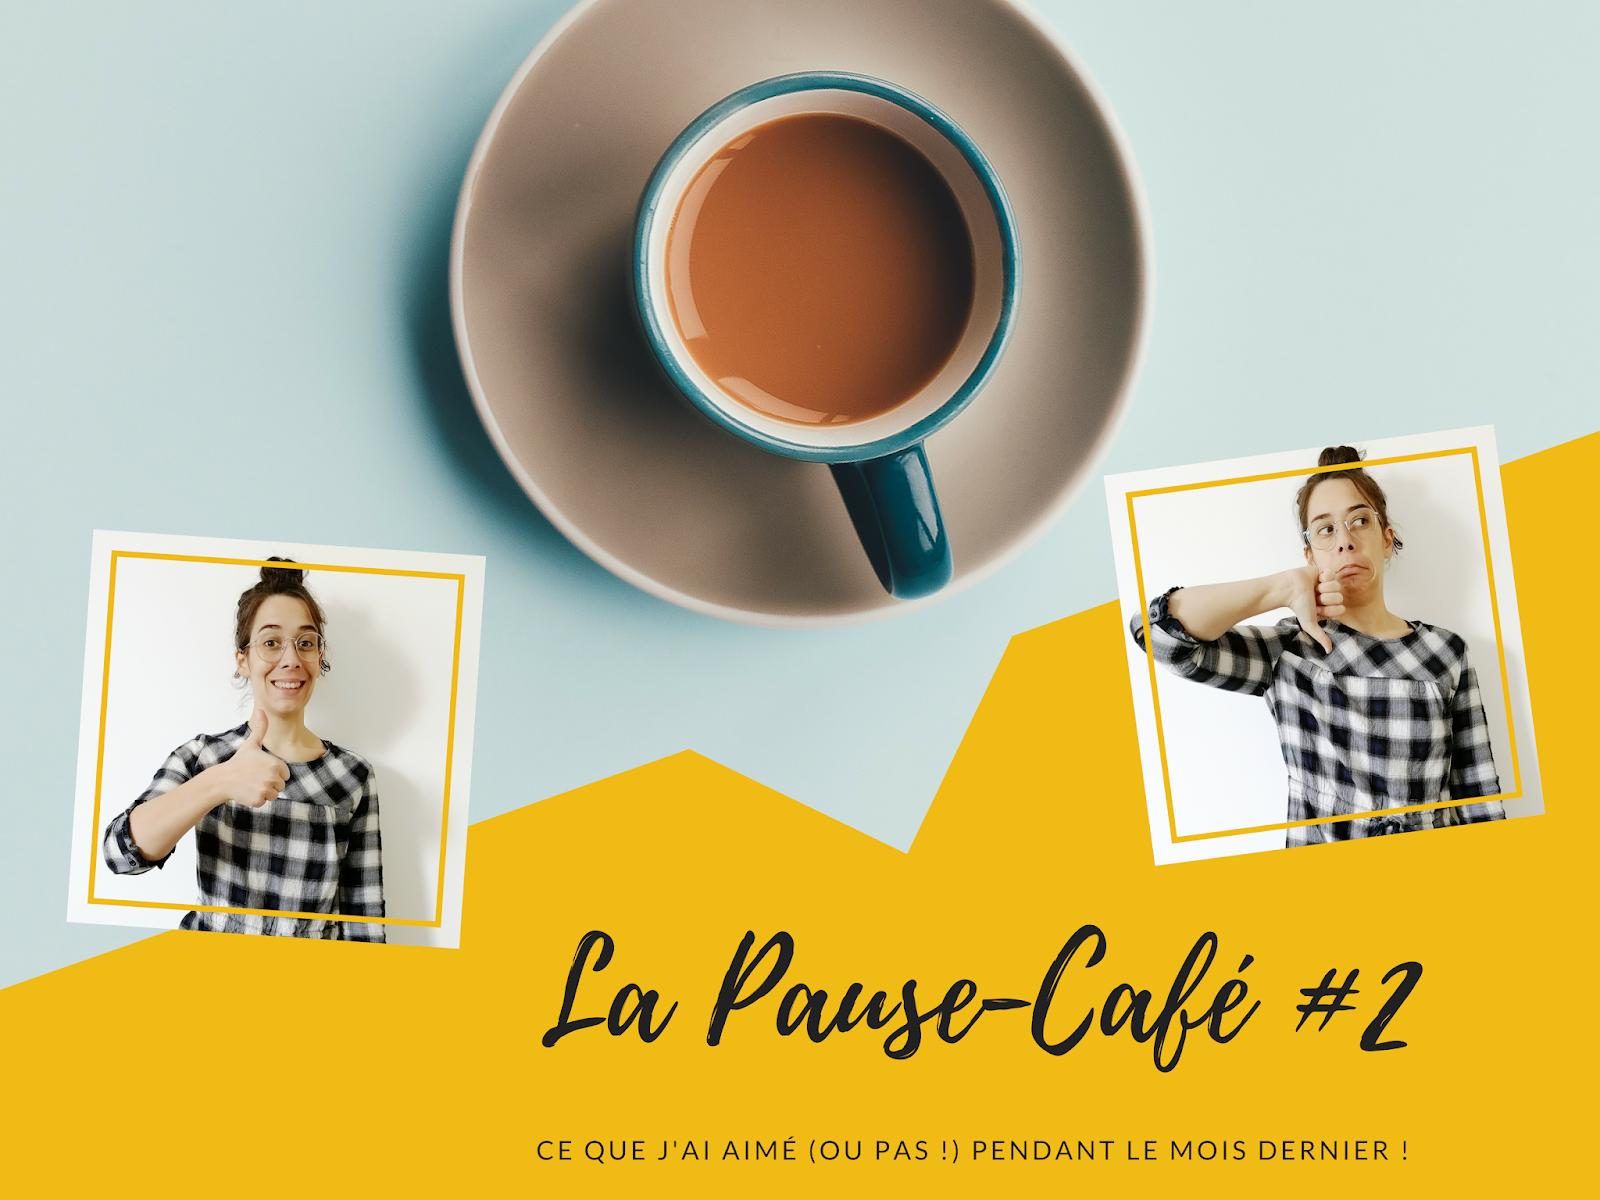 La Pause Café #2